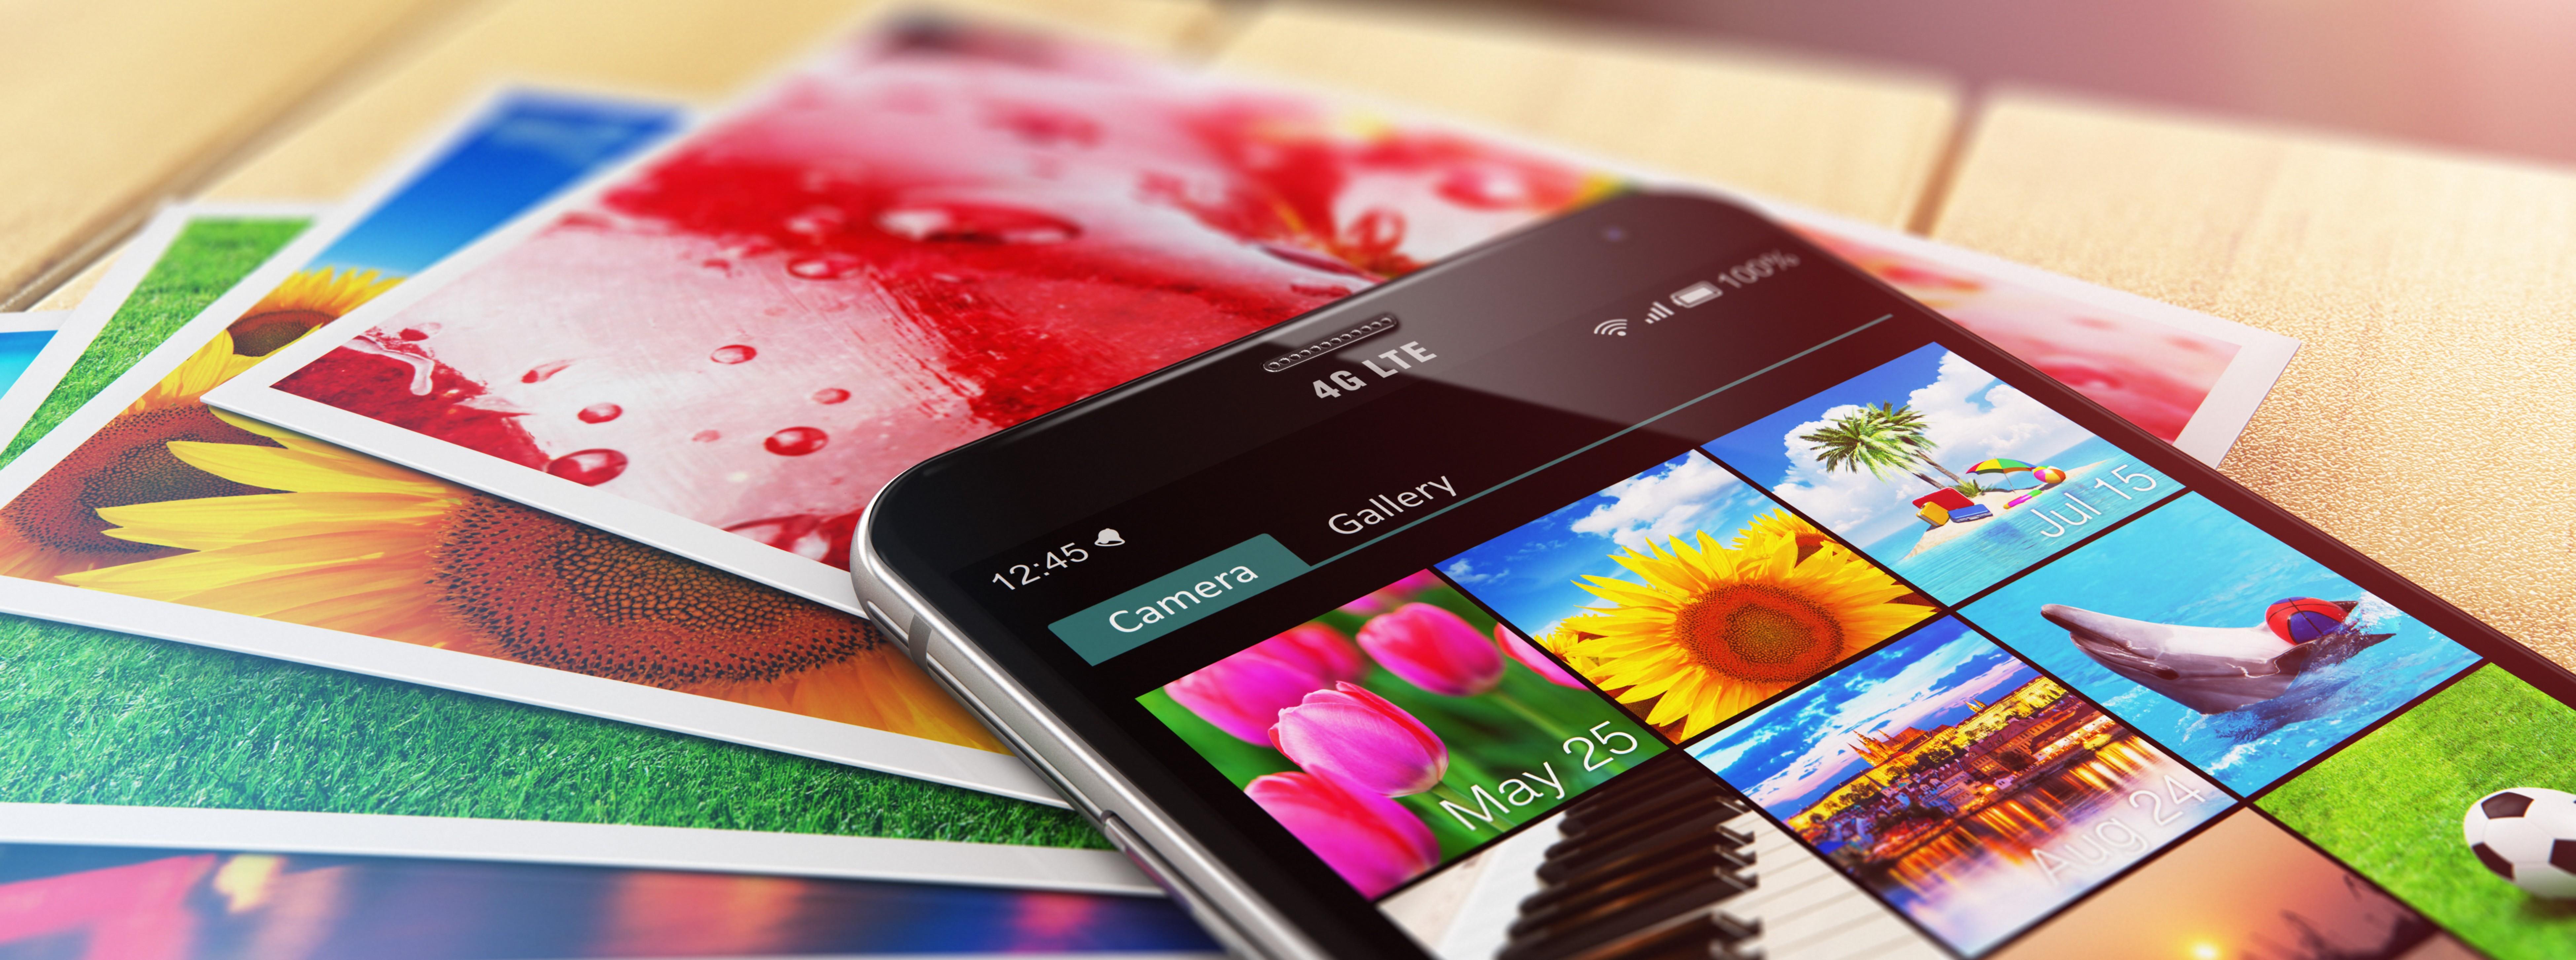 Tirage photo numérique d'après smartphone, clé usb, ordinateur, carte mémoire